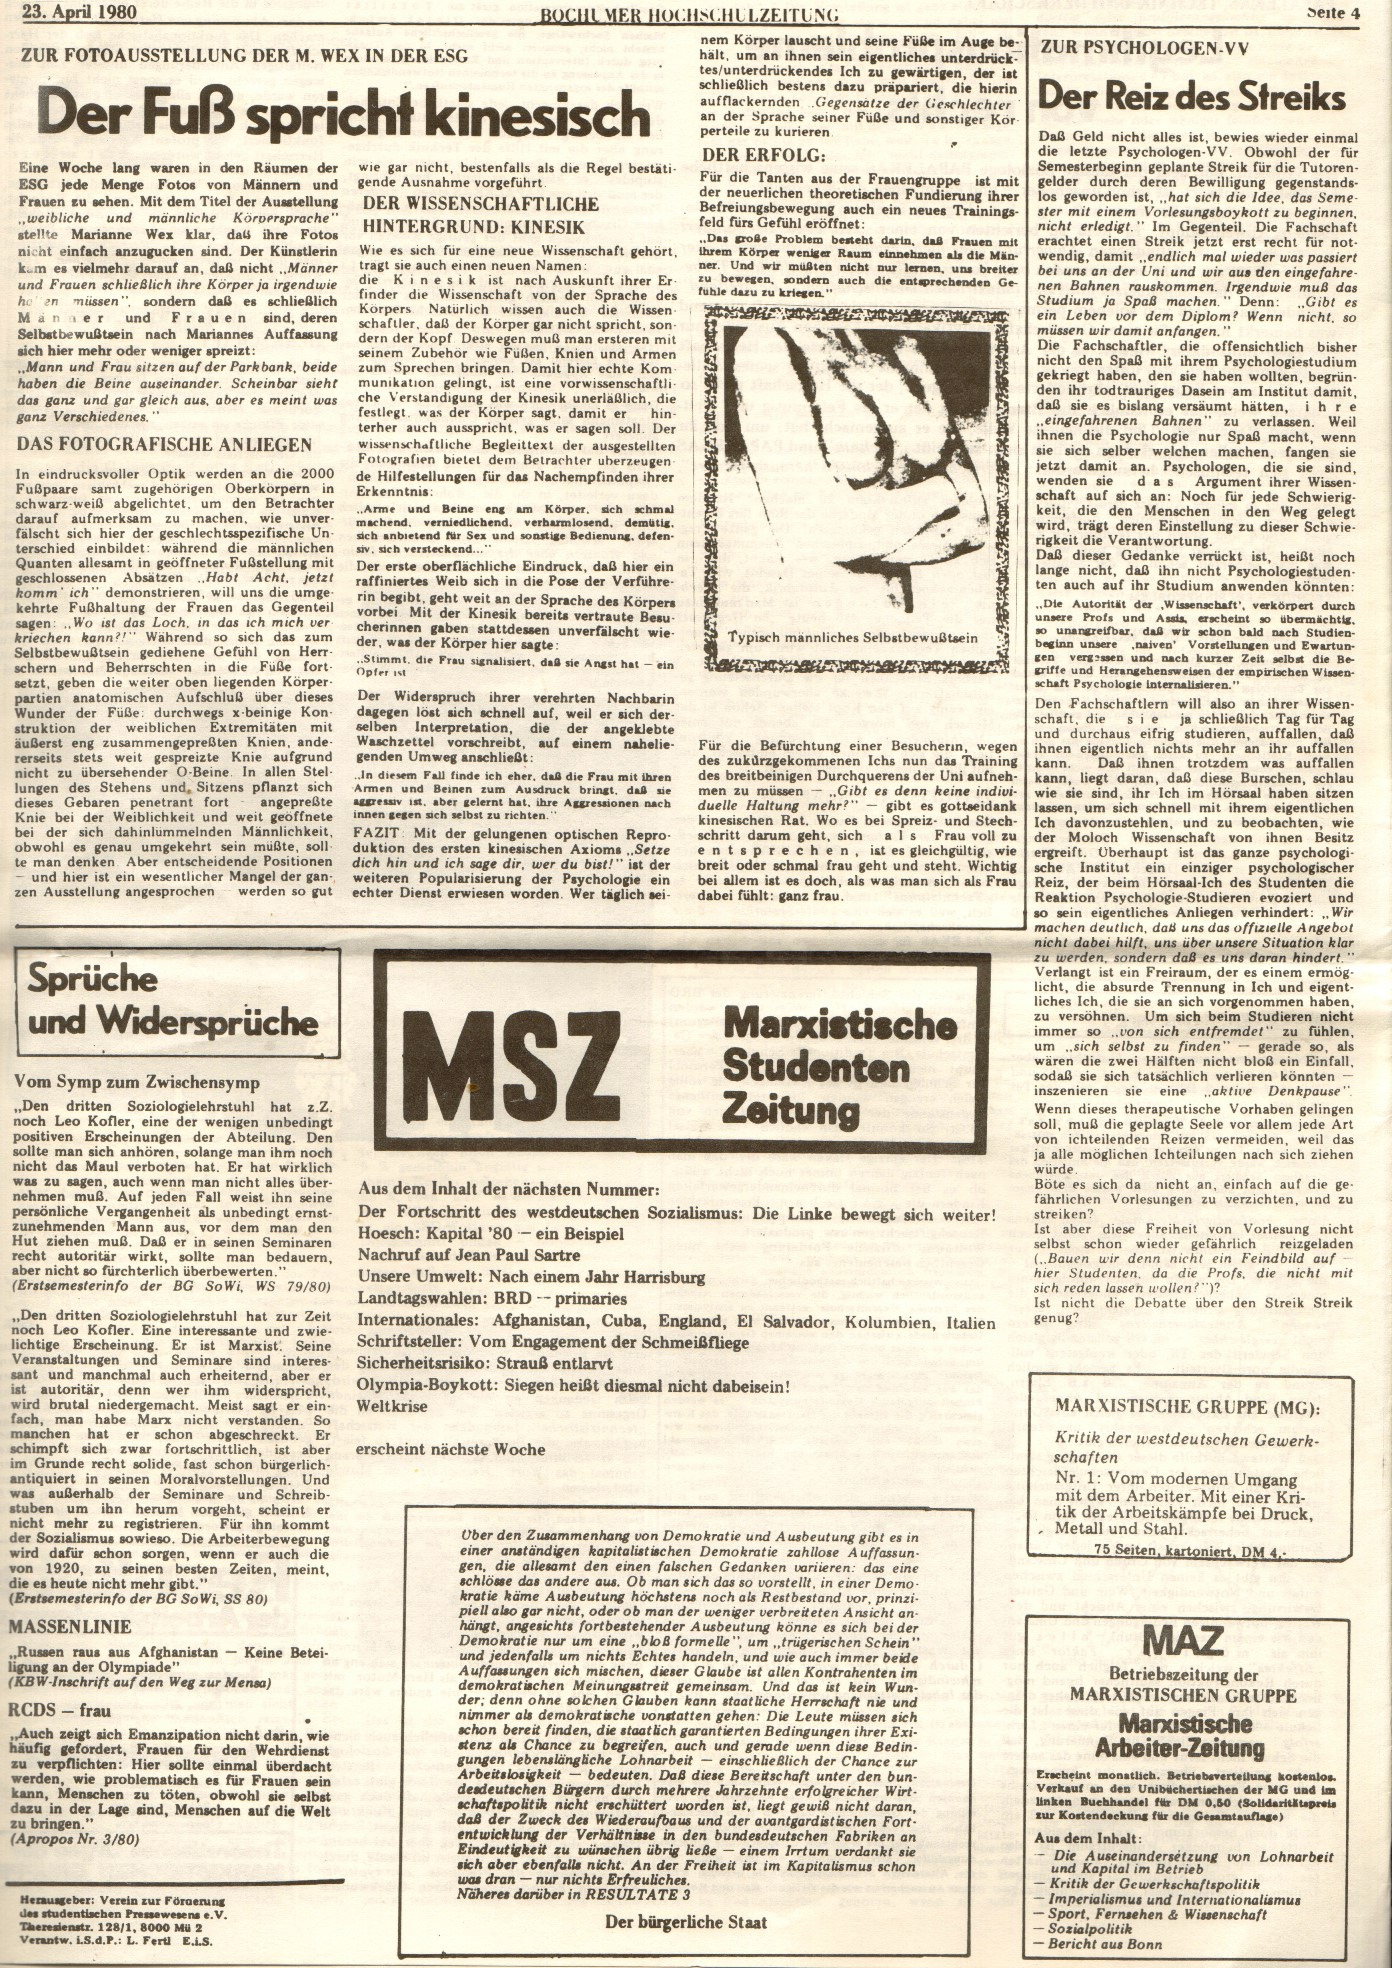 MG_Bochumer_Hochschulzeitung_19800423_04